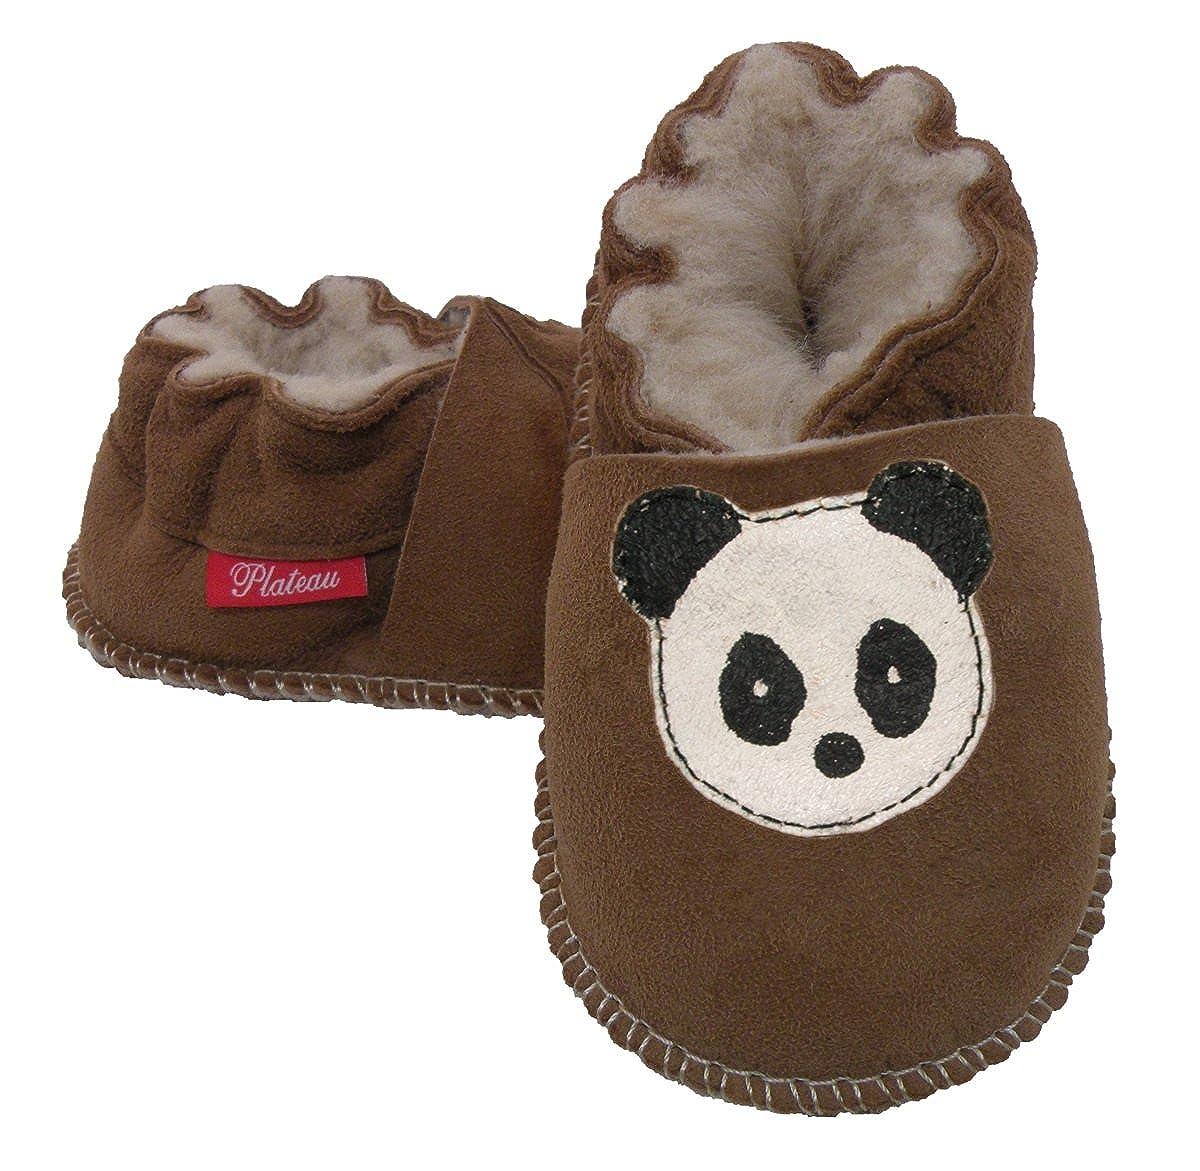 Plateau Tibet - ECHT LAMMFELL Baby Kinder Schuhe Babyschuhe Krabbelschuhe Jungen Mä dchen Lammfellschuhe - Panda - in verschiedenen Farben und Grö ß en